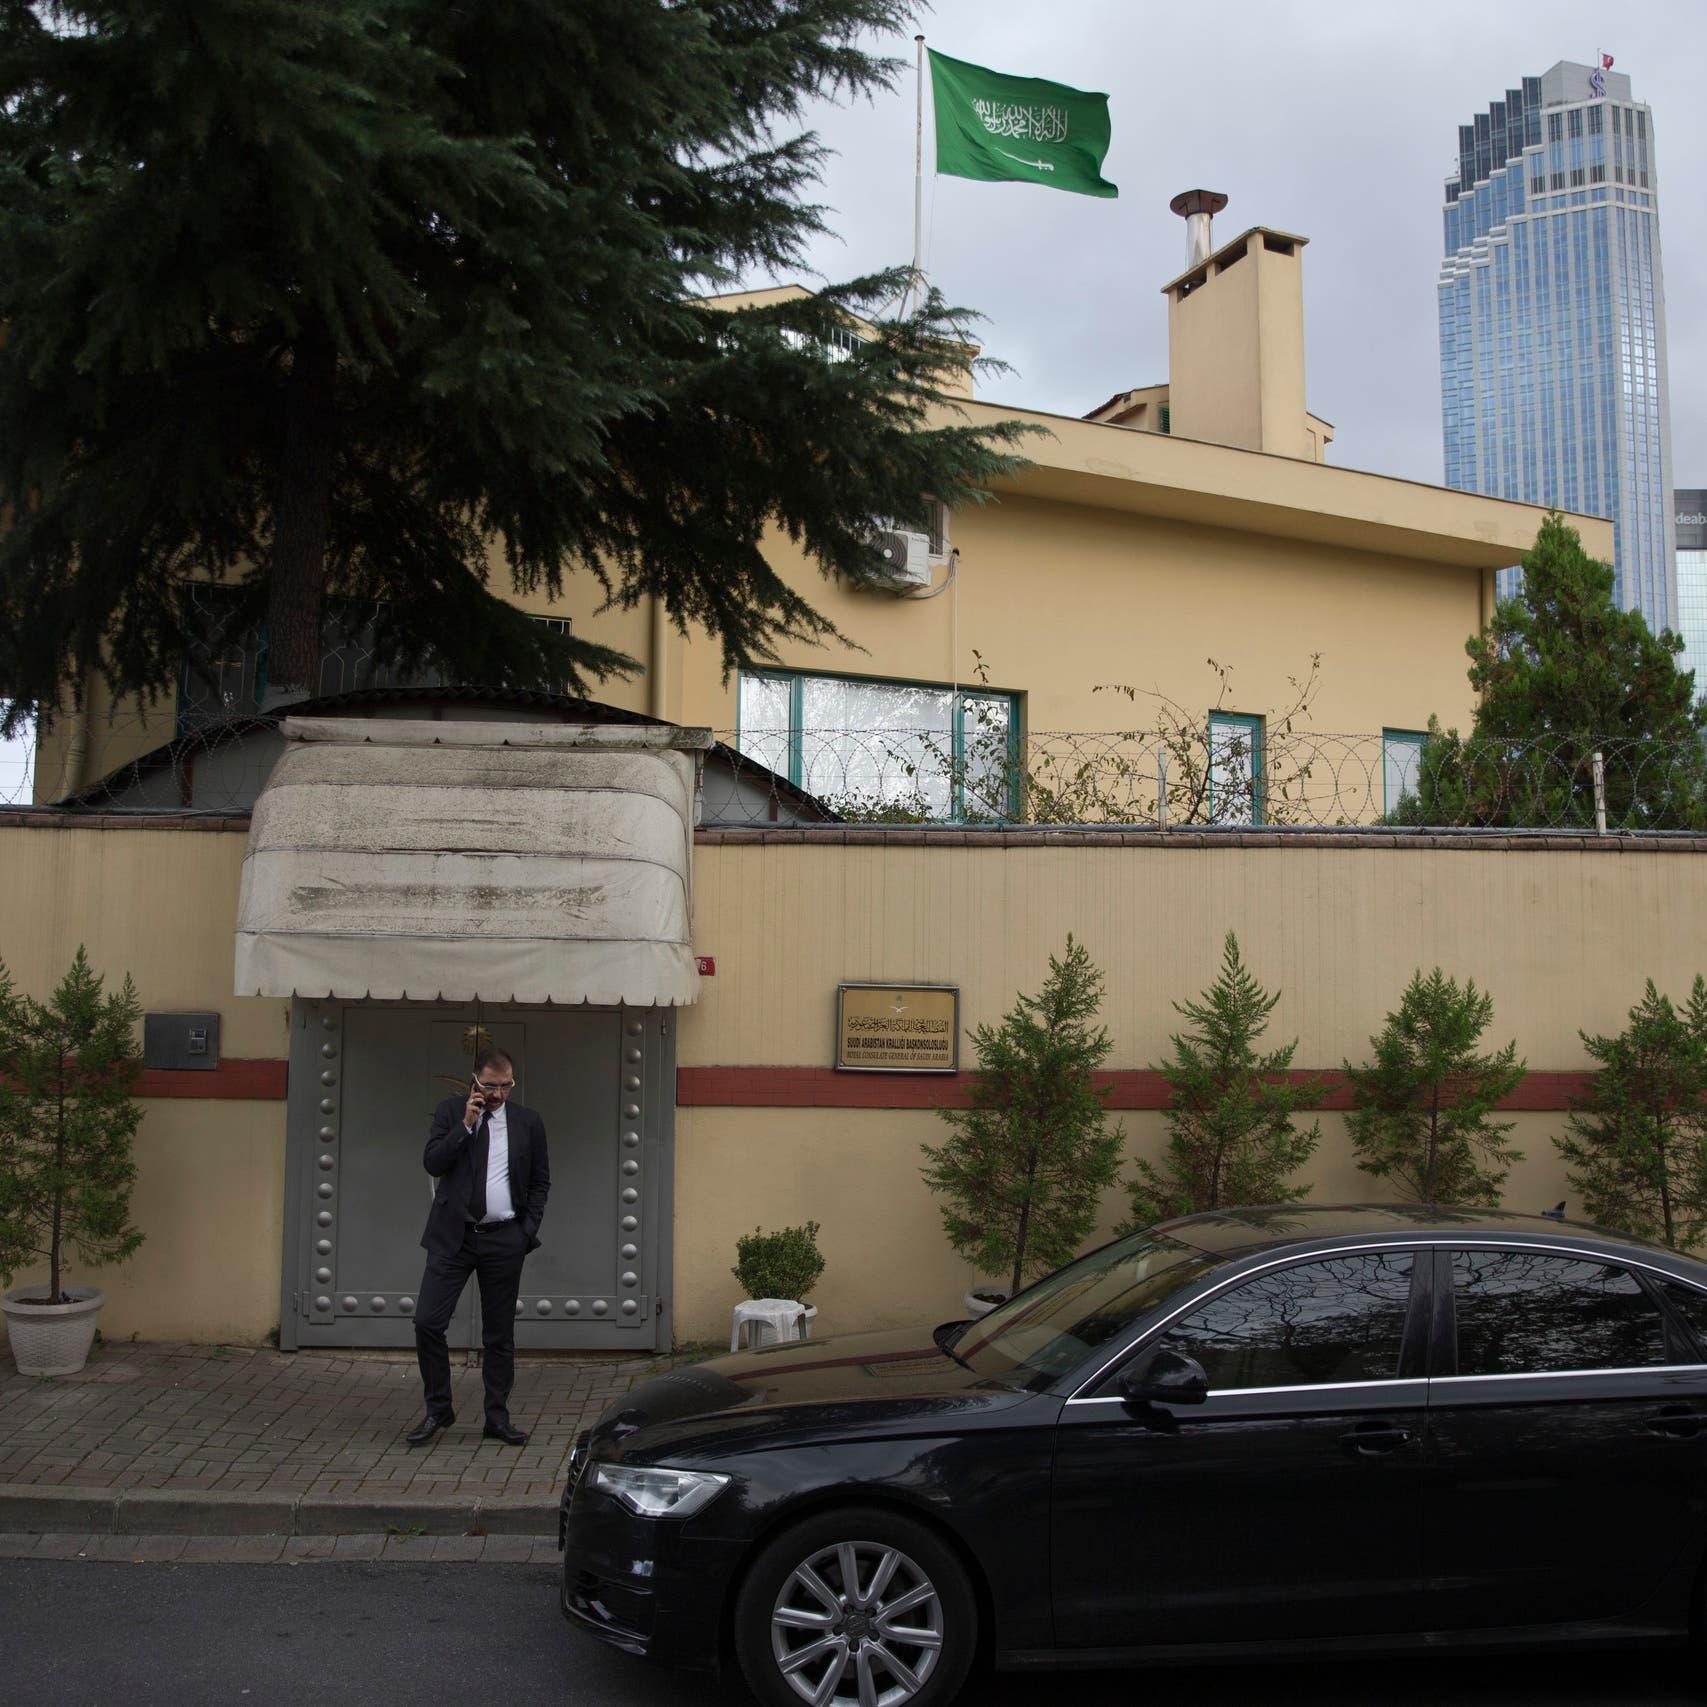 مسؤول سعودي: خاشقجي توفي بالقنصلية نتيجة خطأ من مفاوضيه